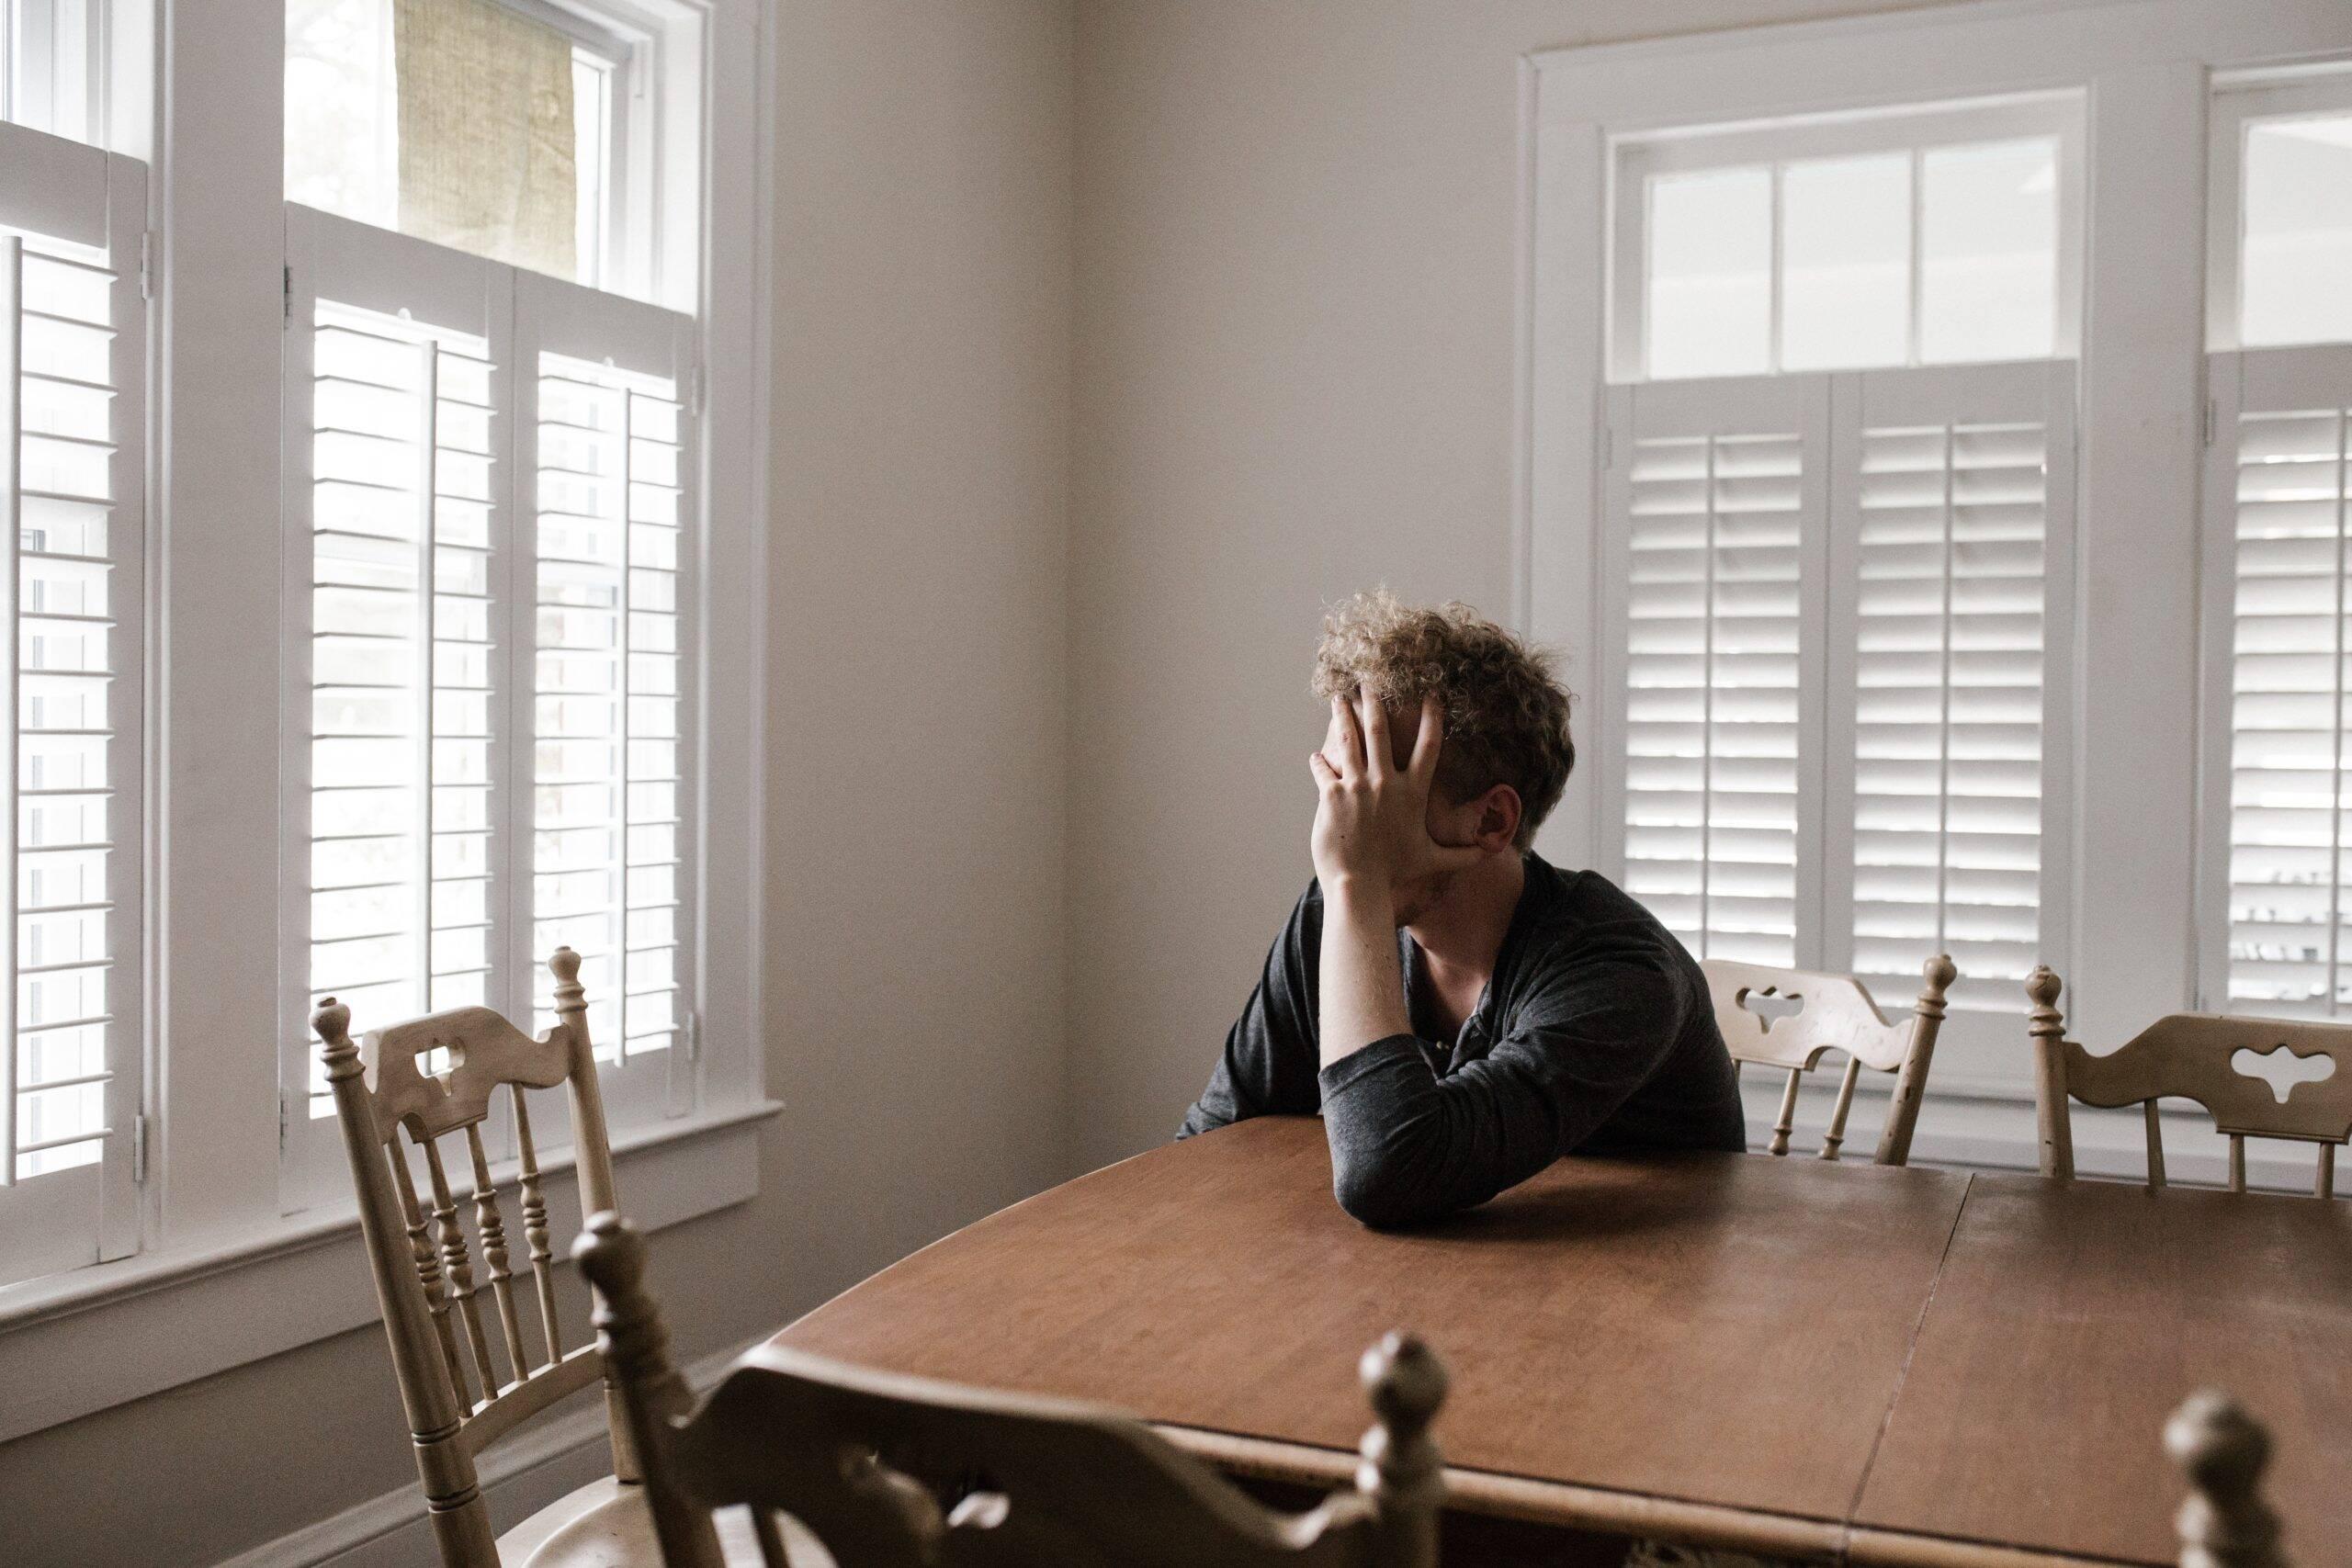 Estar dentro de casa, em isolamento social auxilia para que os sentimentos que causam a depressão, como a tristeza profunda e as incertezas, se intensifiquem ainda mais. (Foto: Pexels)